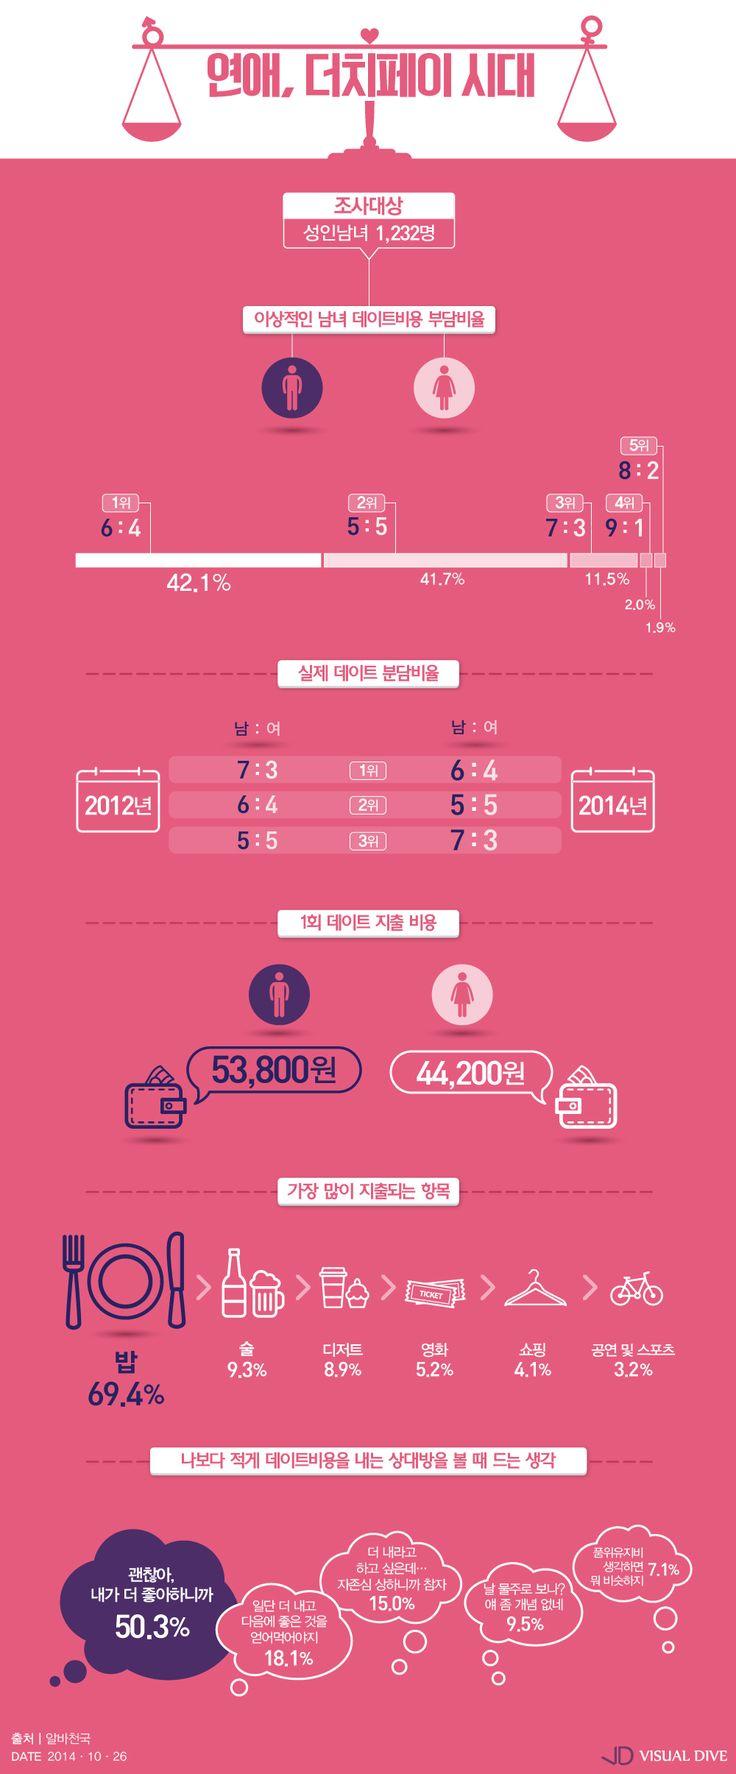 데이트비용은 '더치페이'가 대세…이상적 비율은 6대 4 [인포그래픽] #dutchpay / #Infographic ⓒ 비주얼다이브 무단 복사·전재·재배포 금지